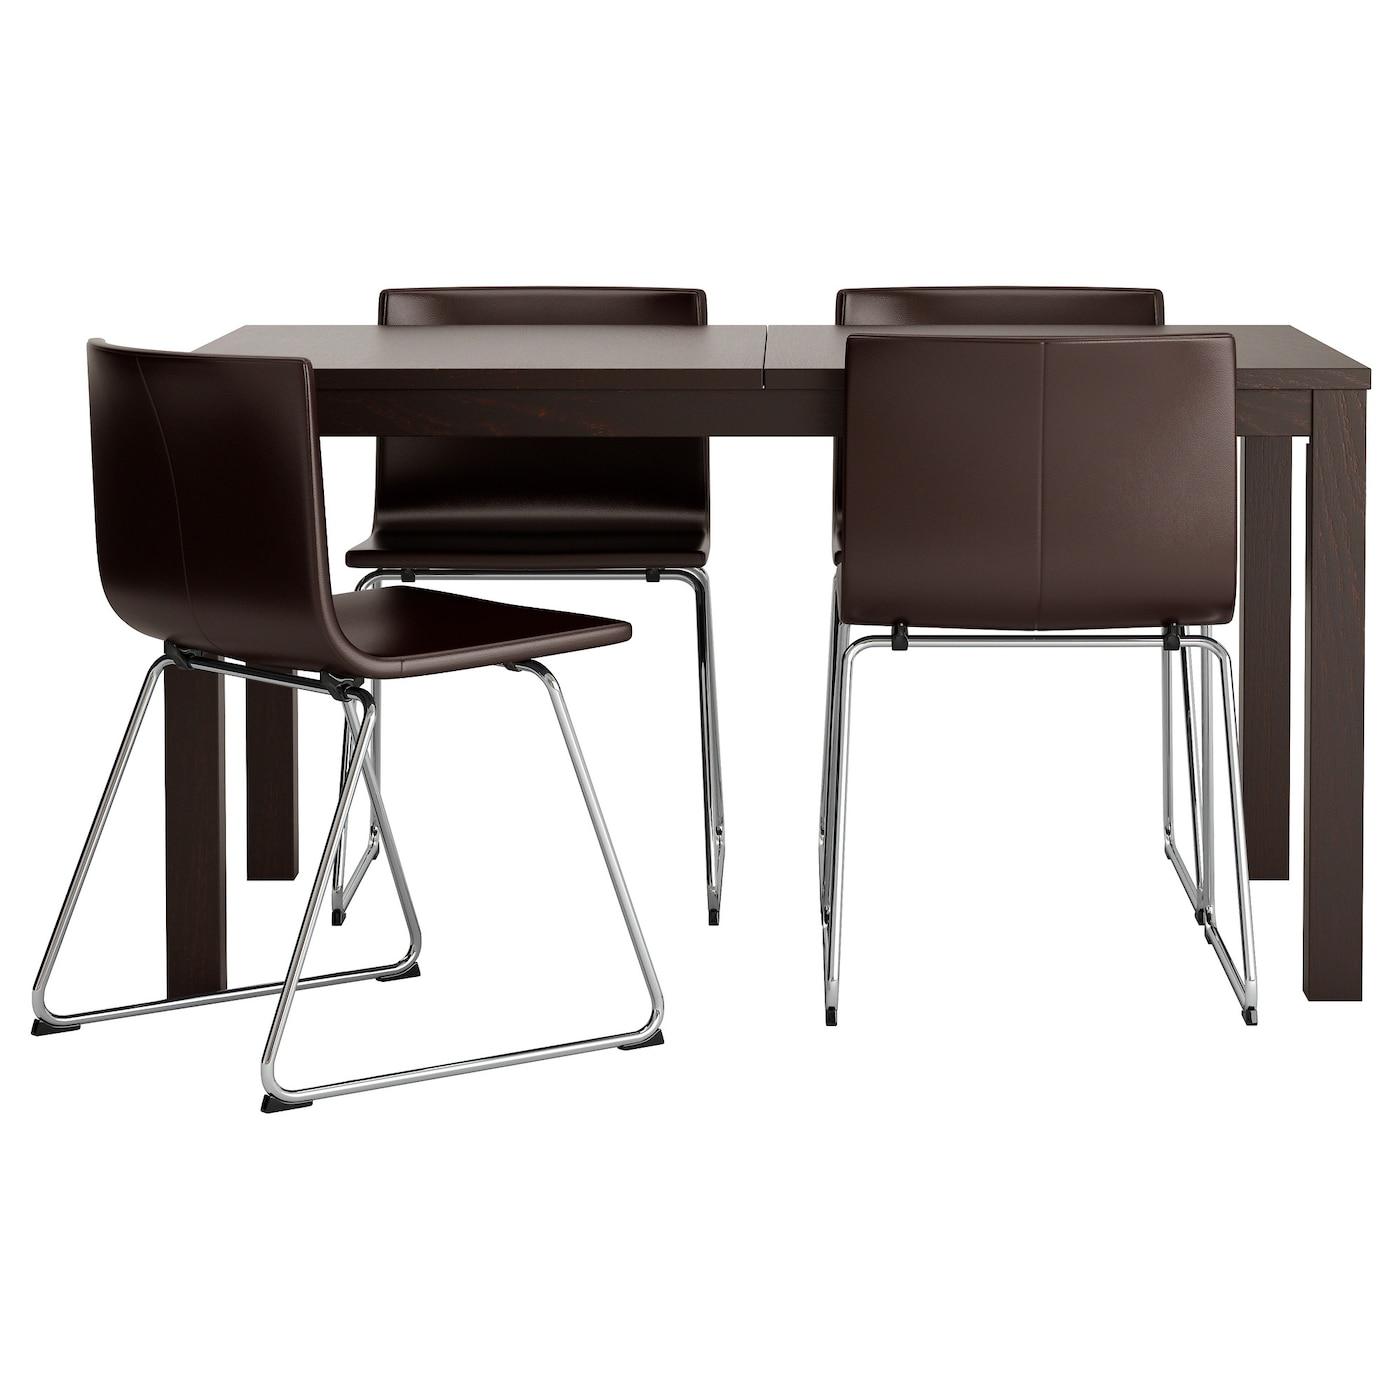 BJURSTA / BERNHARD, Tisch und 4 Stühle, braunschwarz, dunkelbraun 298.855.56